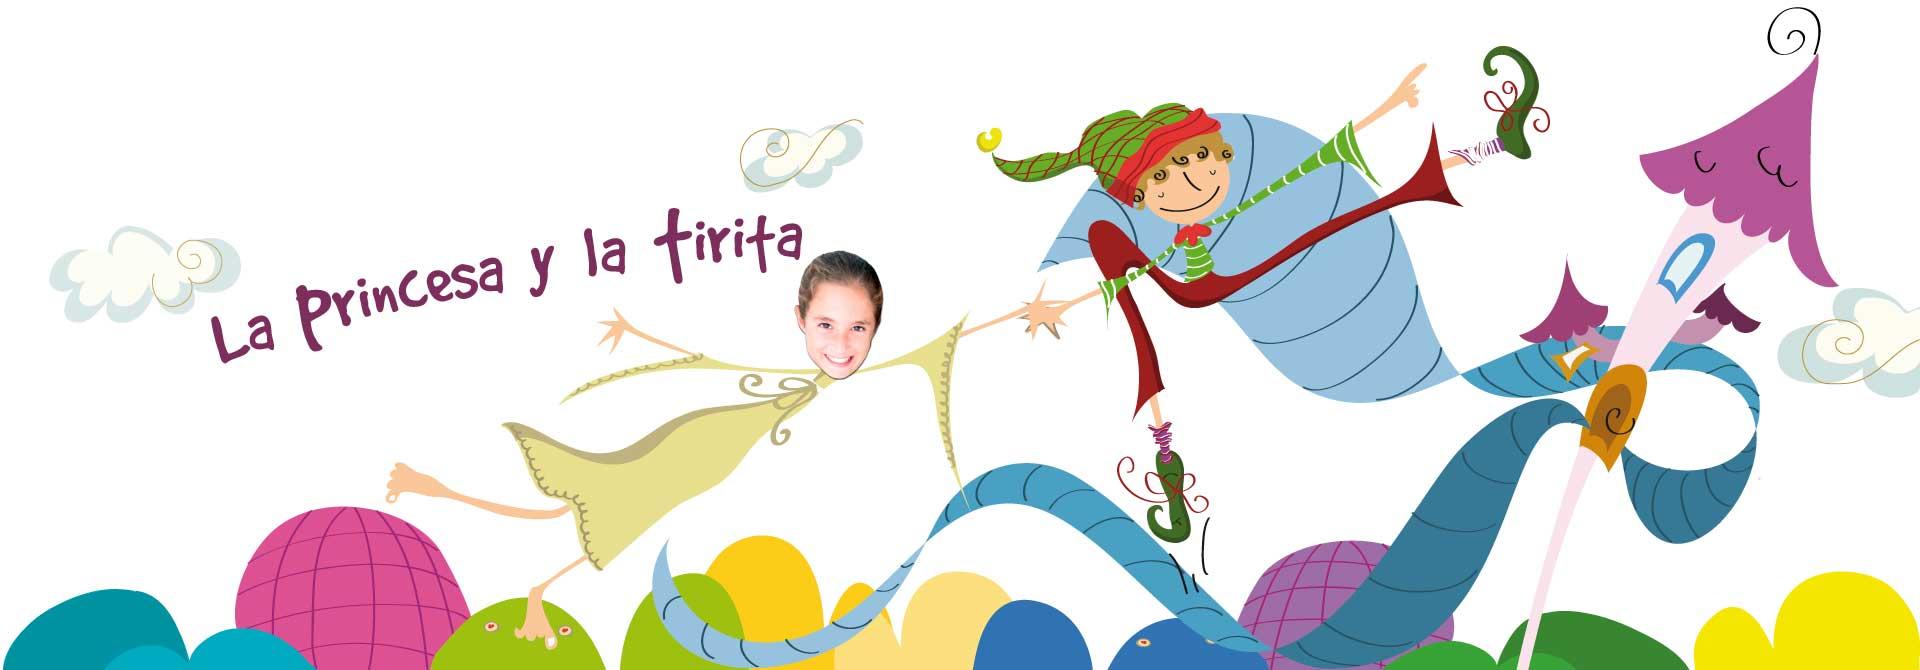 Cuentos infantiles personalizados de princesas con foto - Encabezado del producto